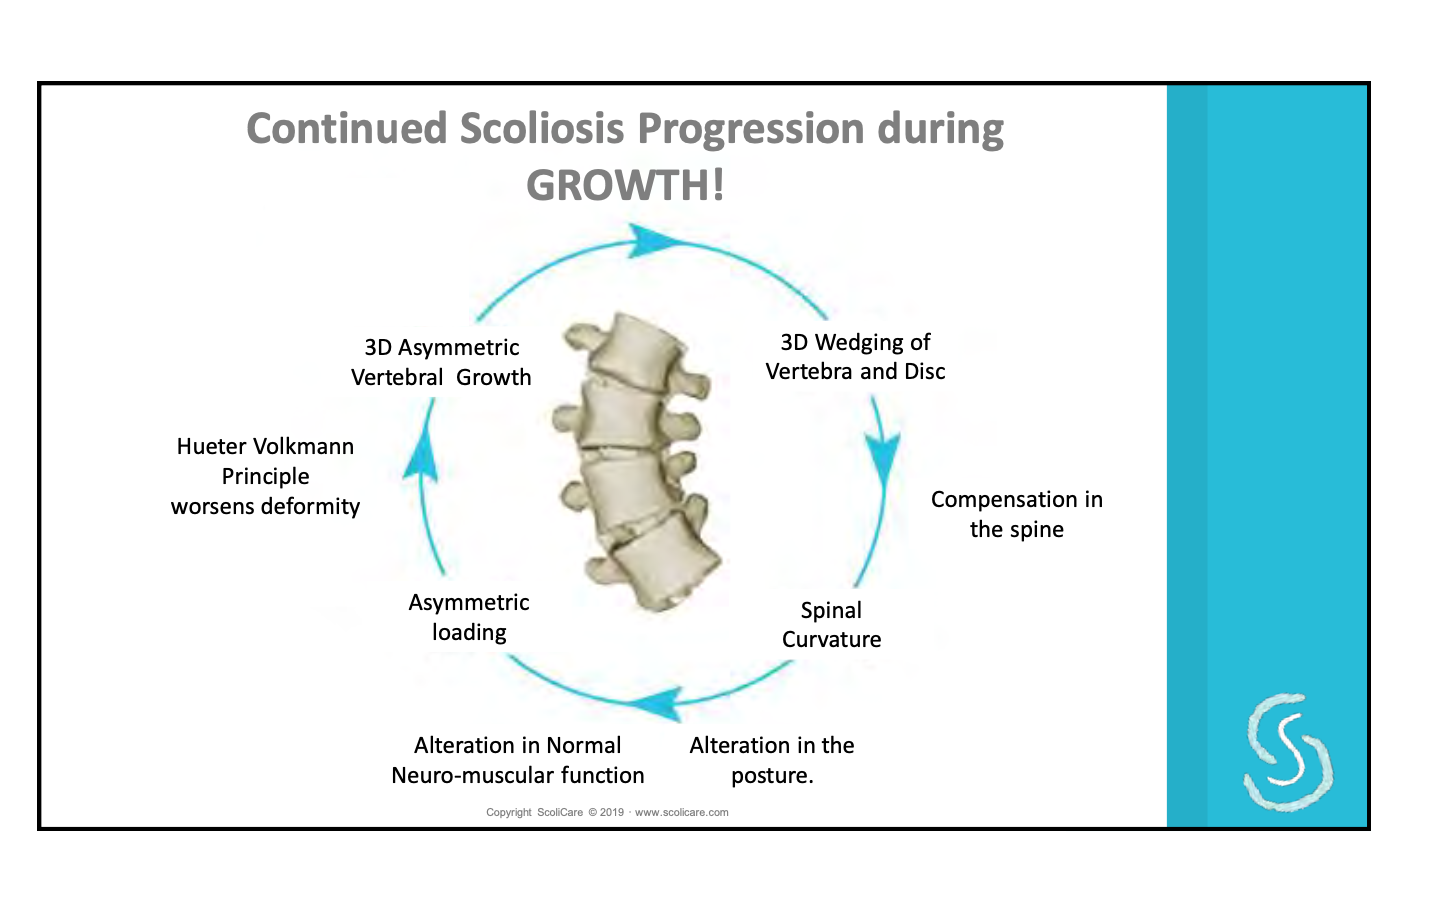 Scoliosis Progression